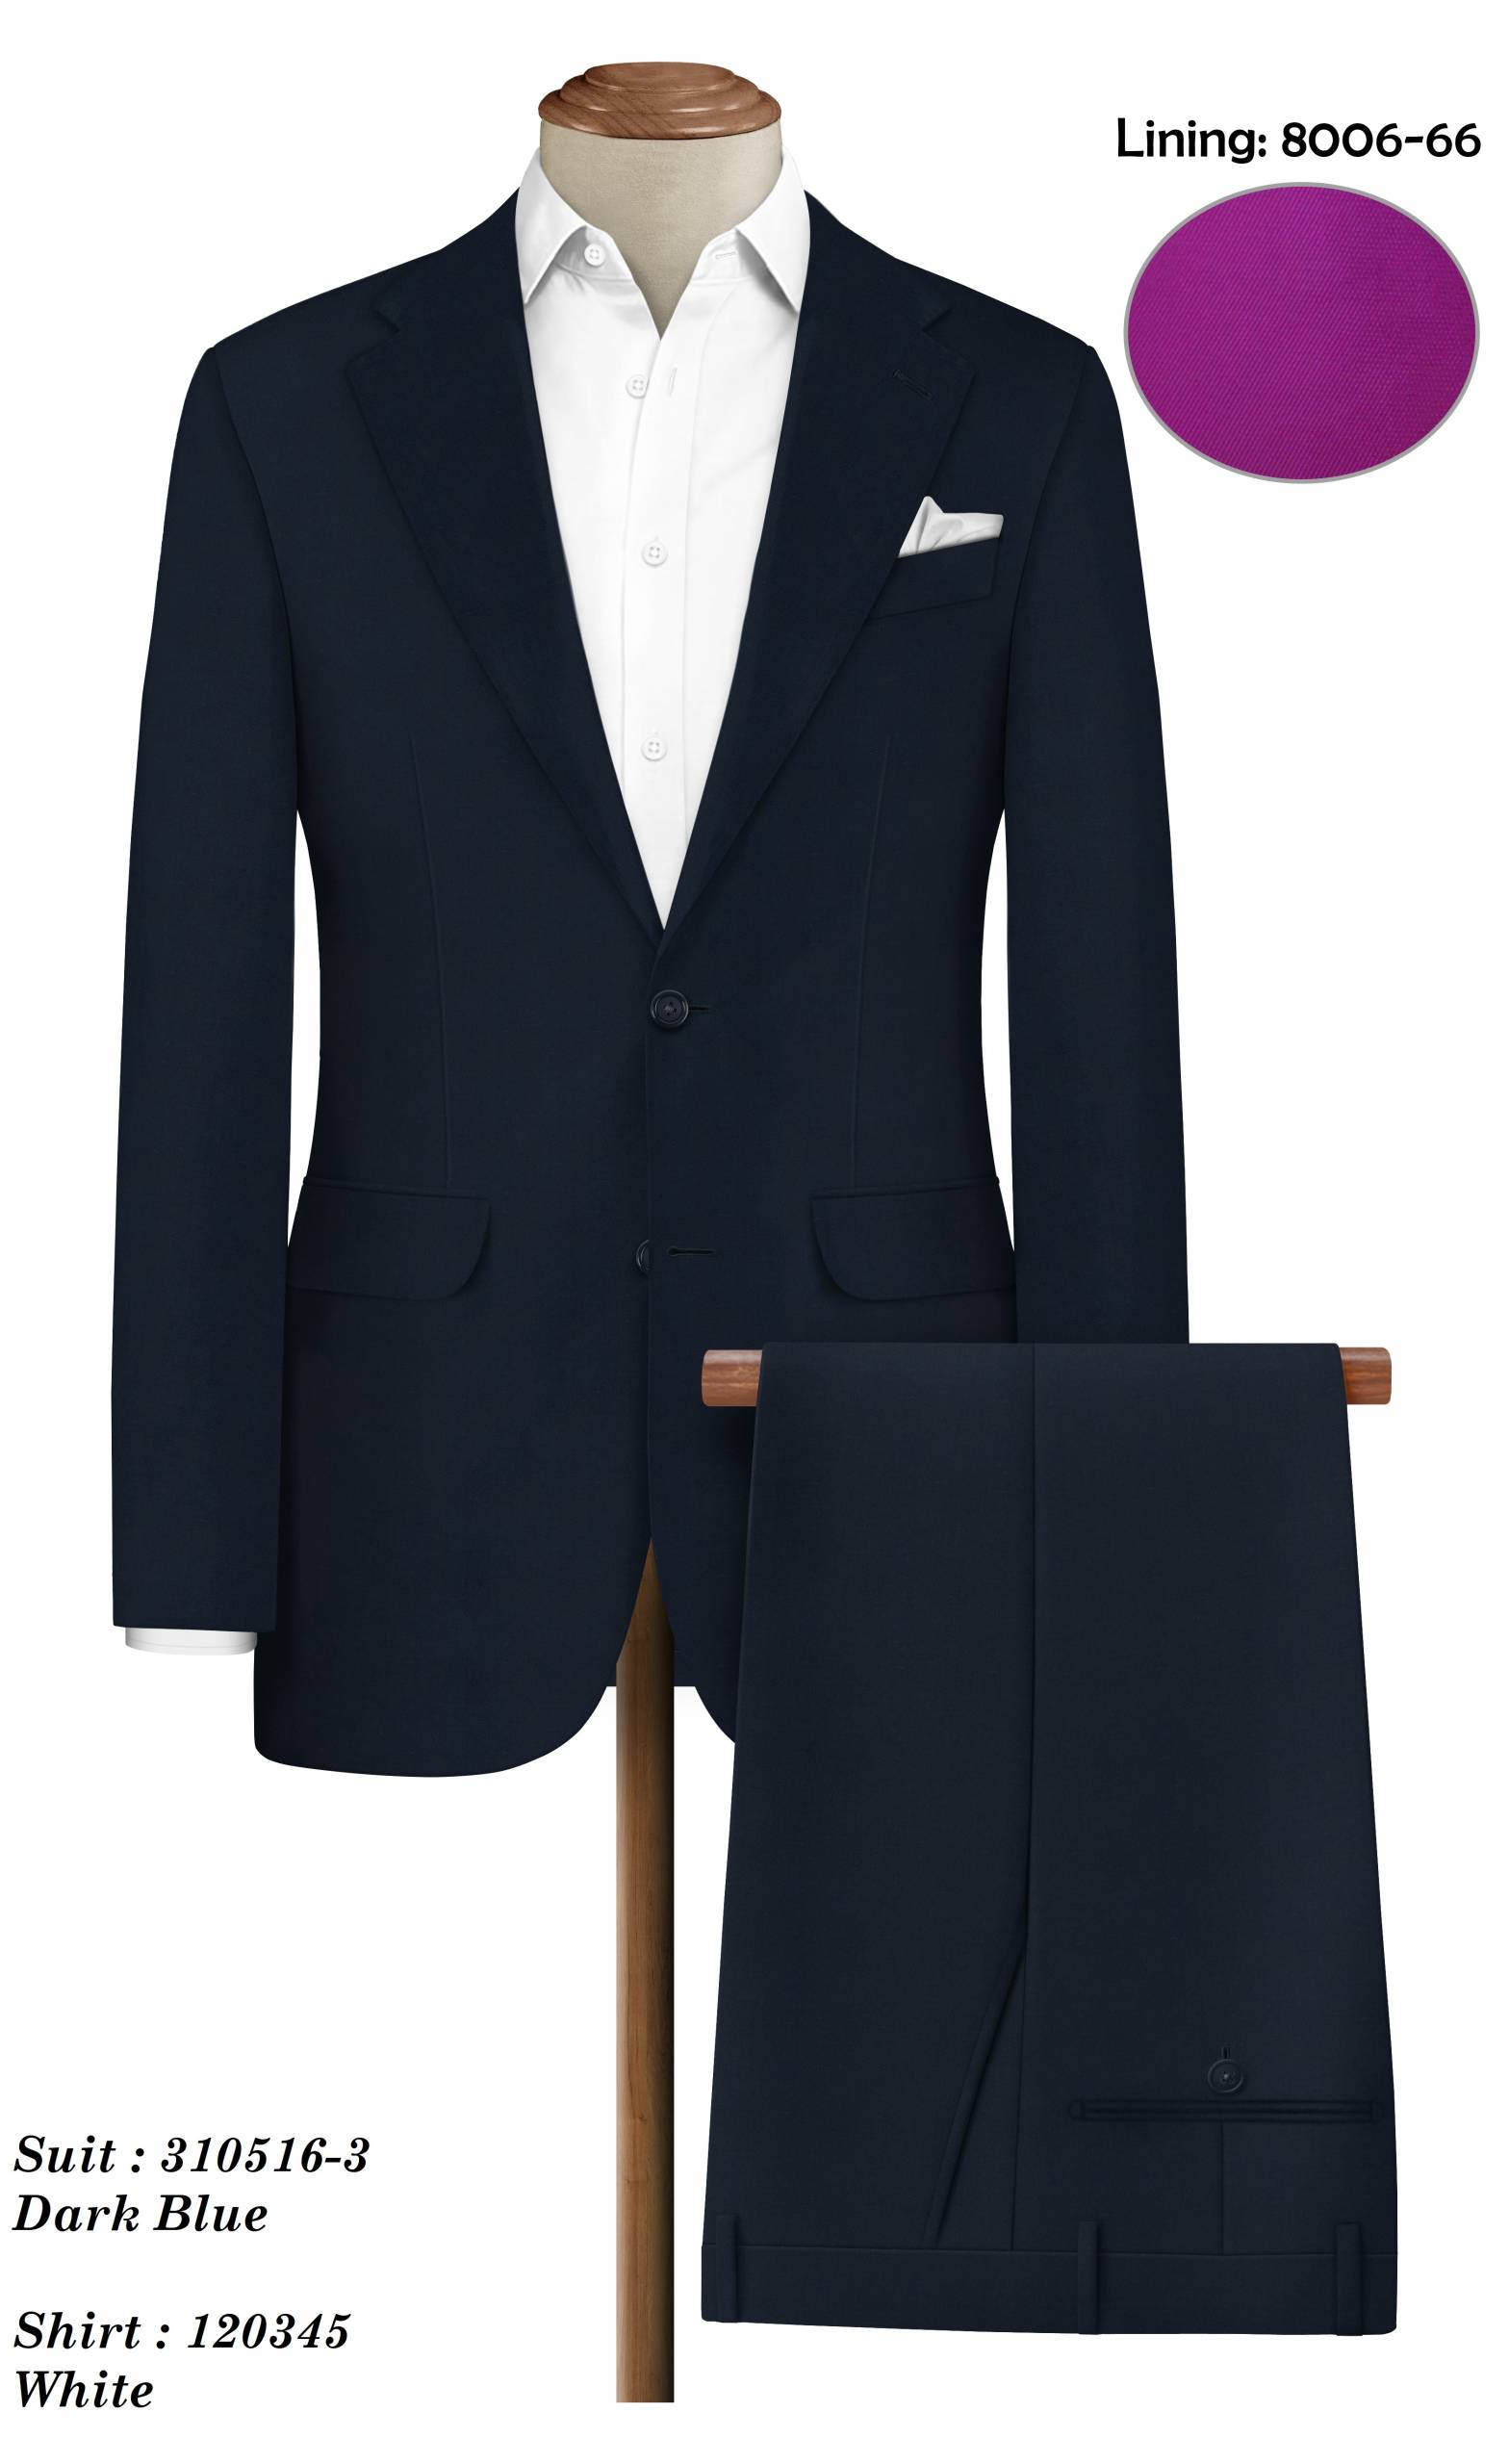 (127) 310516-3_suit